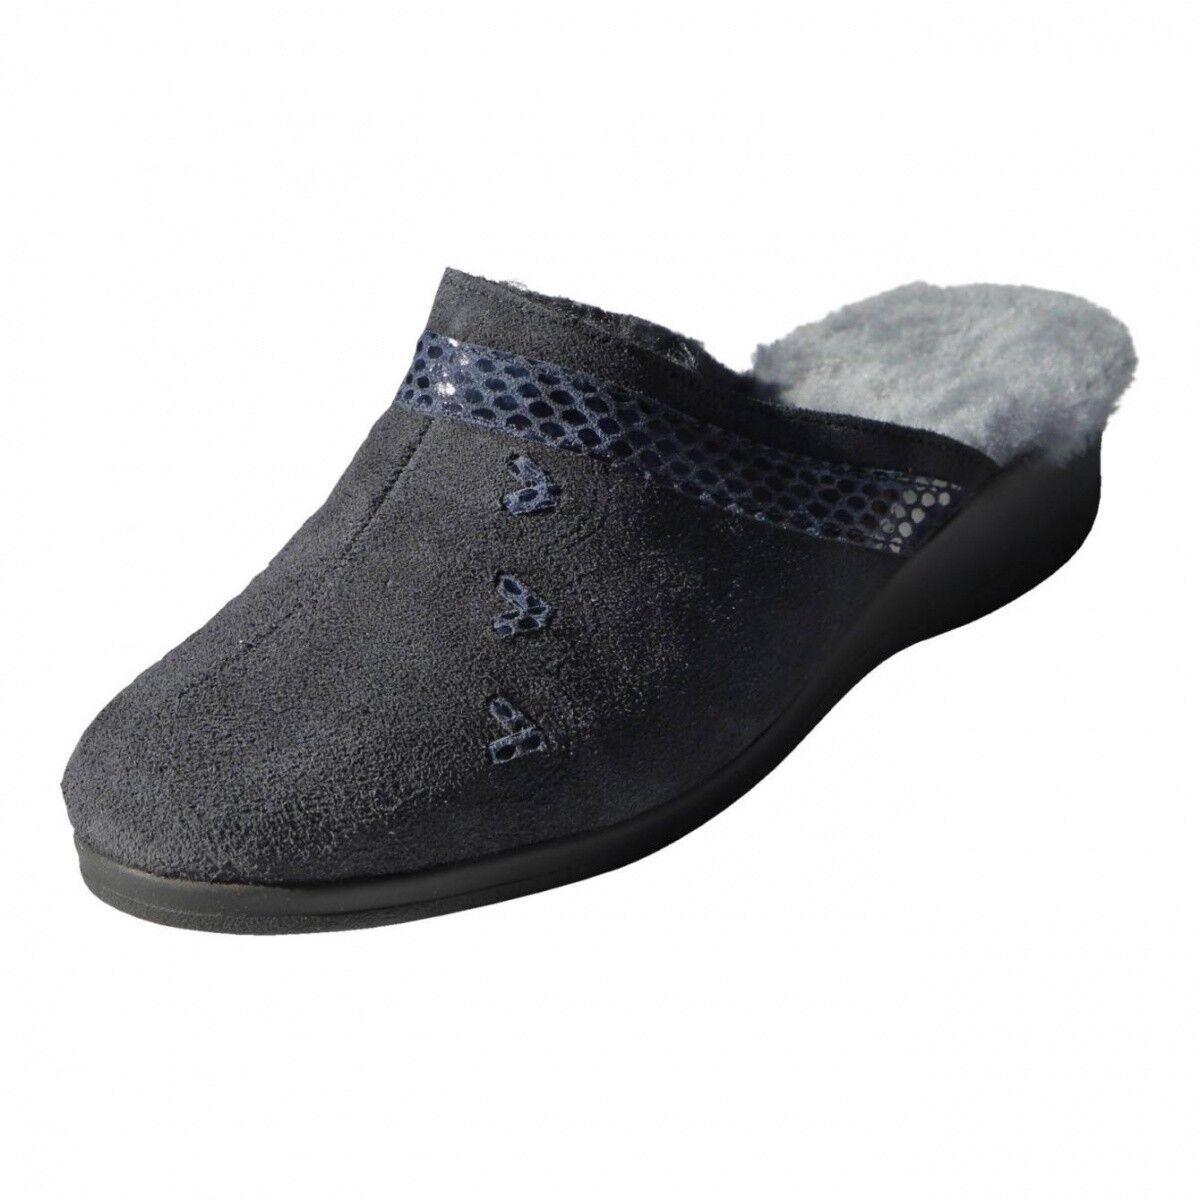 Agnello Pantofole-biekamp imitazioni blu AGNELLO da donna Pantofole MERINO AGNELLO blu 8bedb9